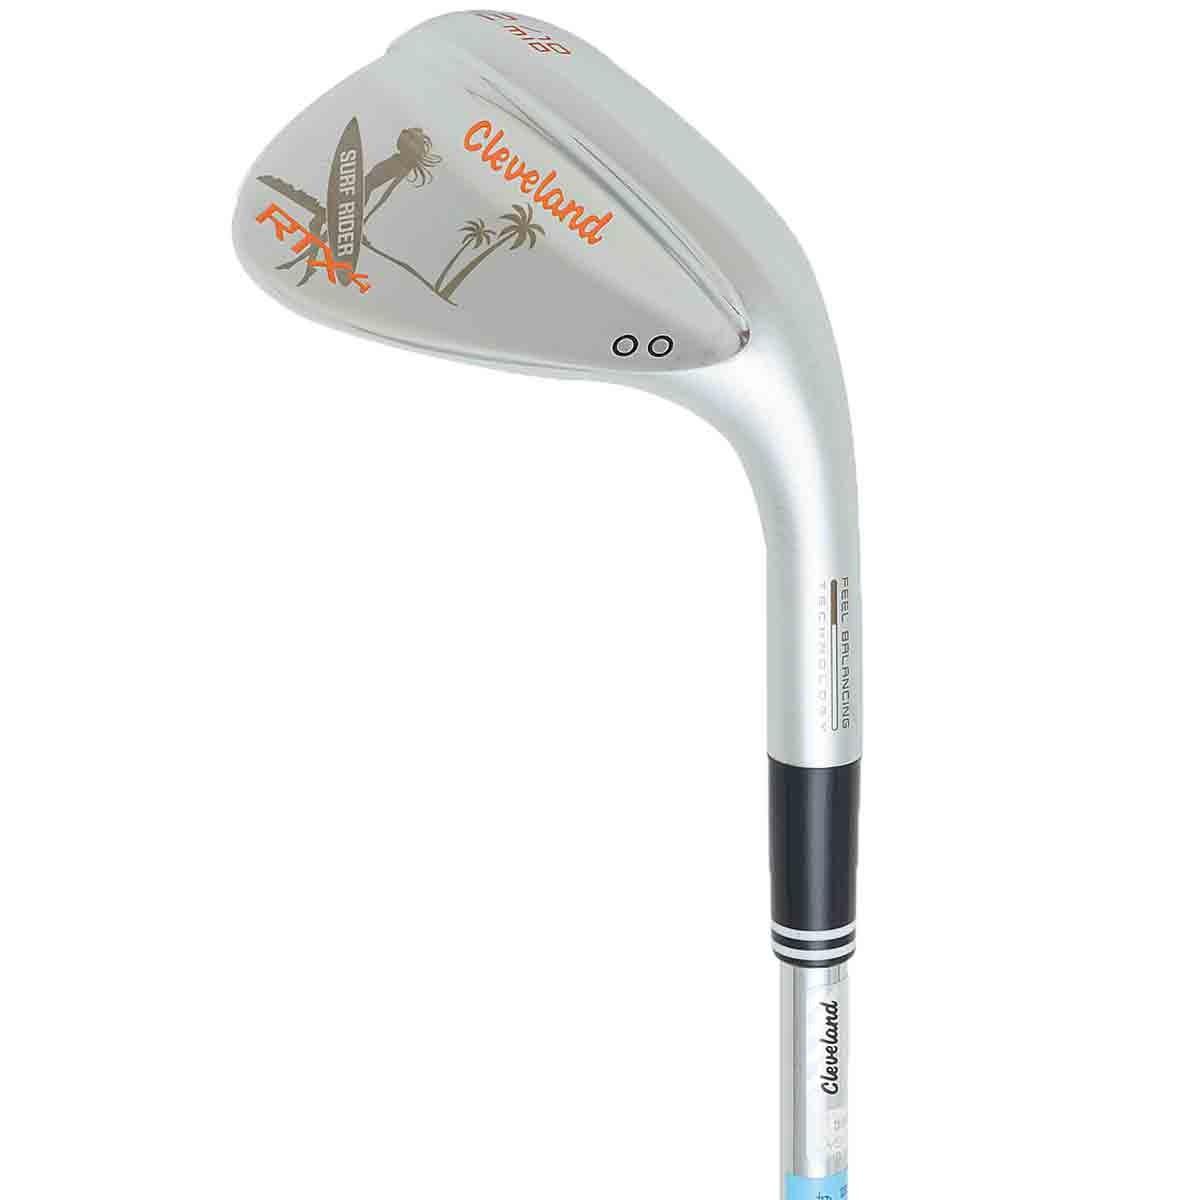 クリーブランド(Cleveland Golf) RTX4 SF ツアーサテン仕上げ ウェッジ ダイナミックゴールド